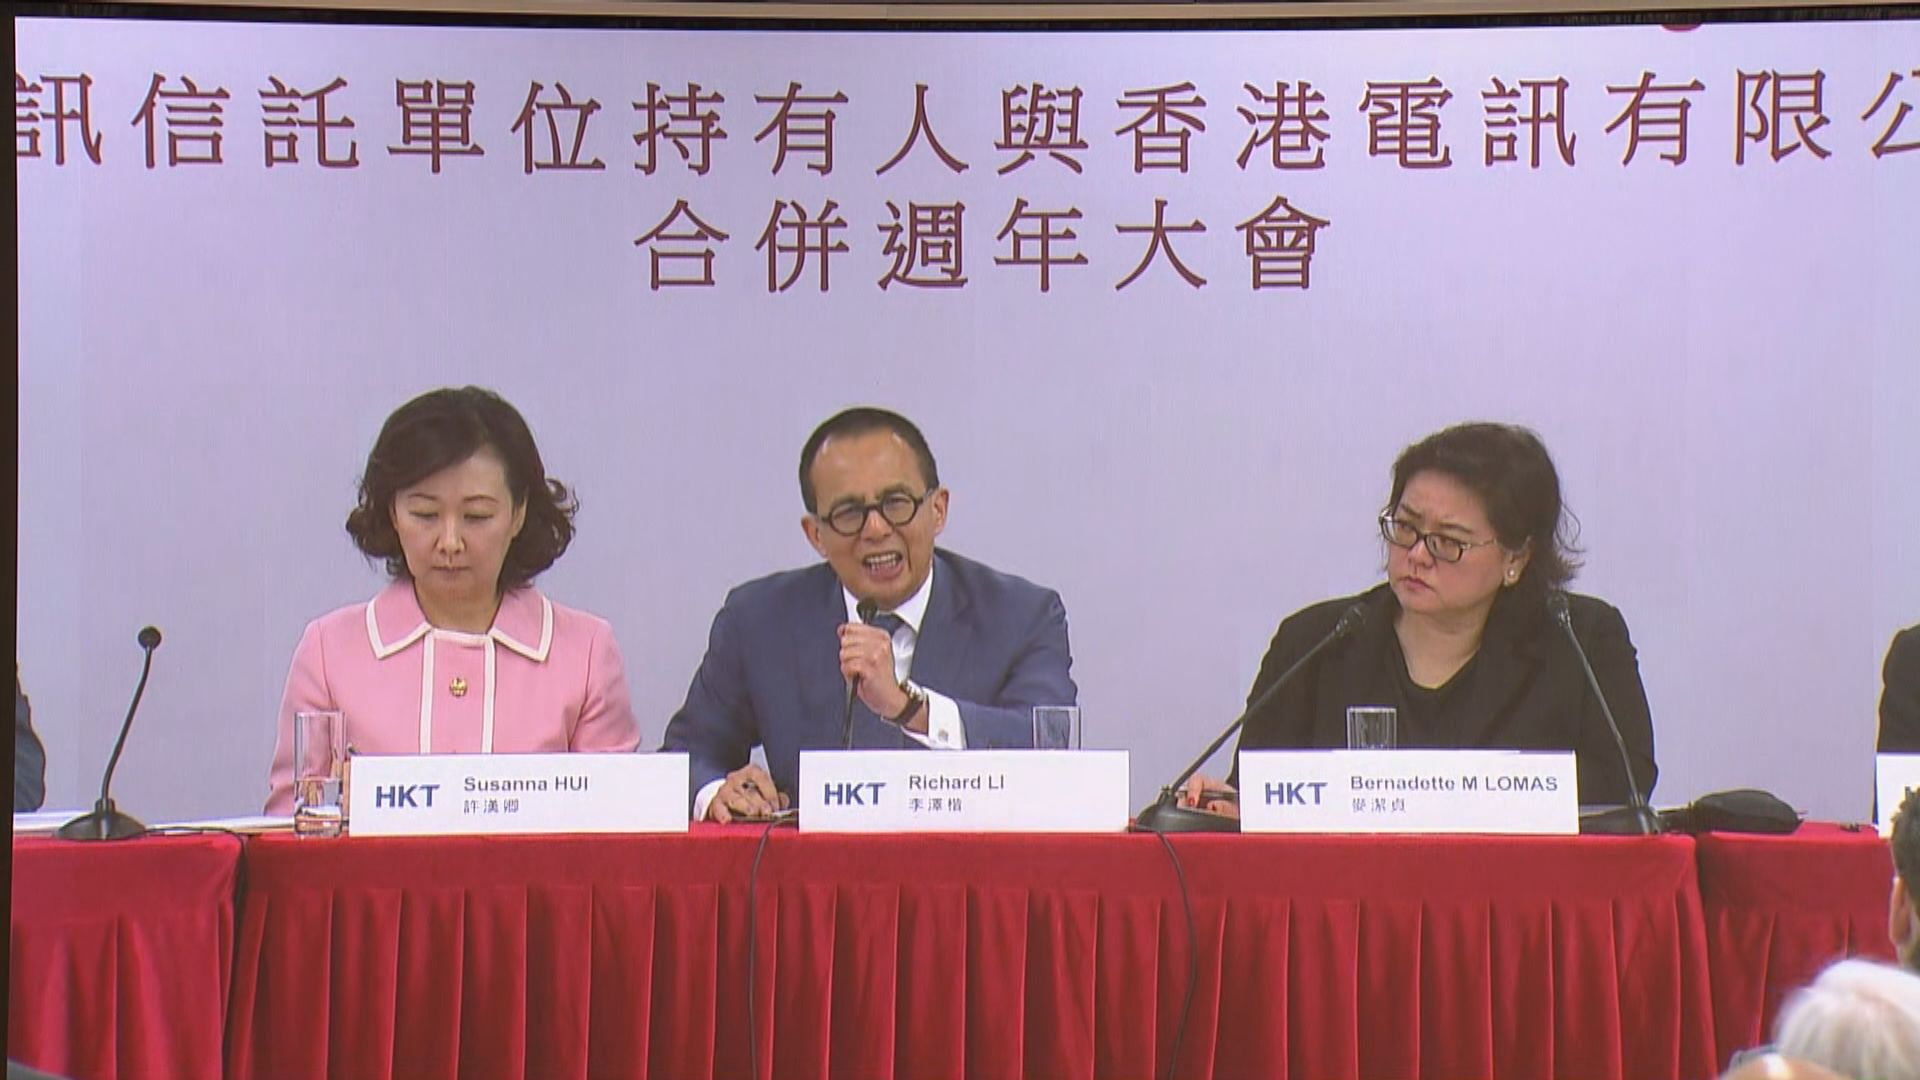 【審慎部署】香港電訊:今年不打算大力投資5G